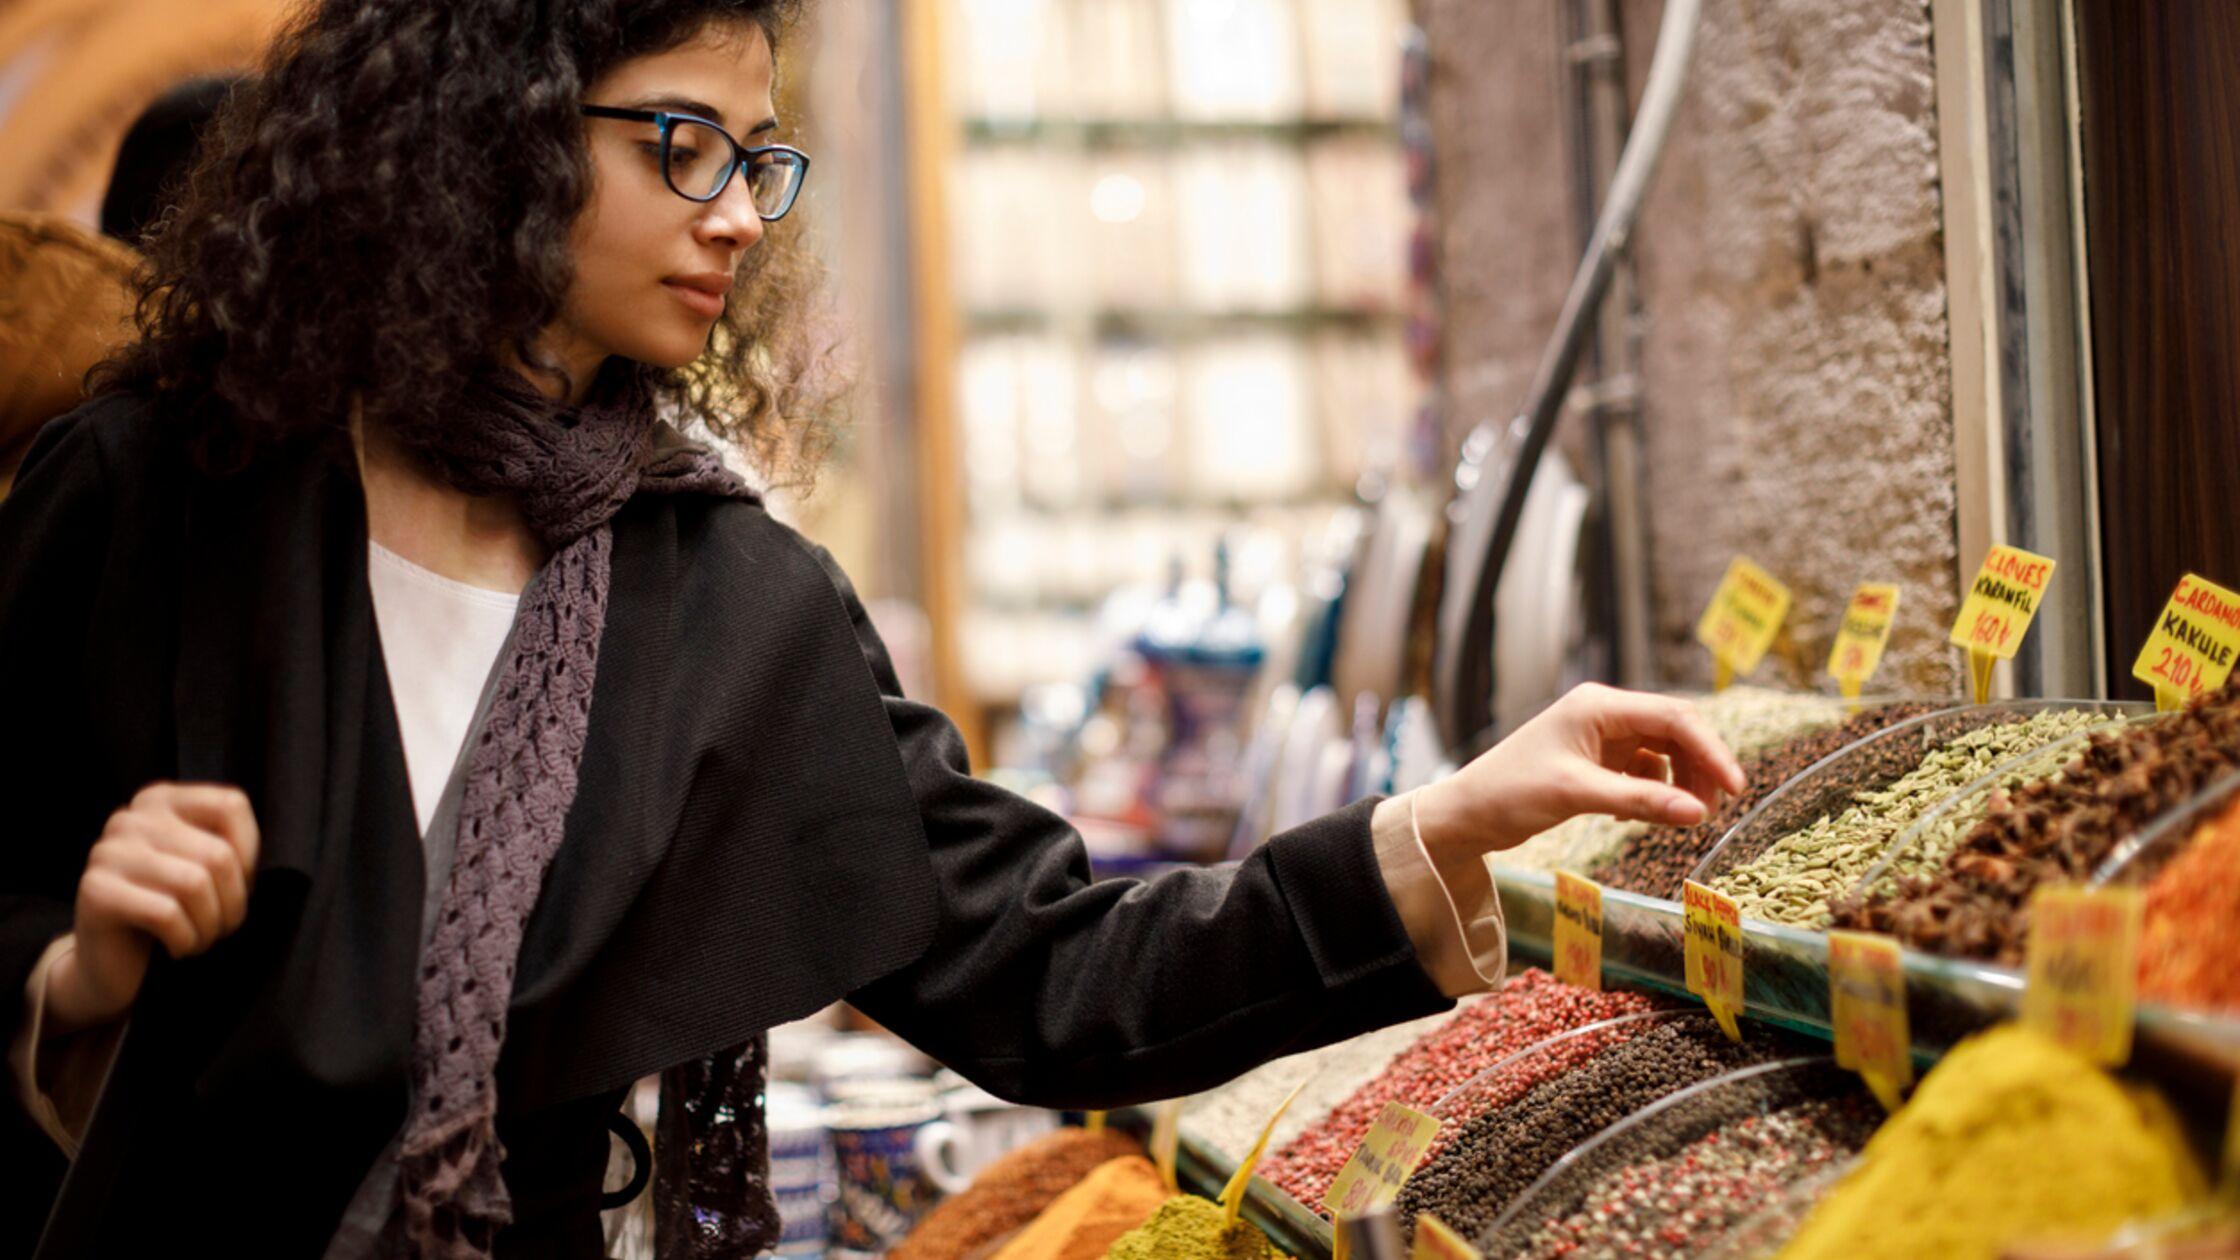 Frau auf Markt in der Türkei